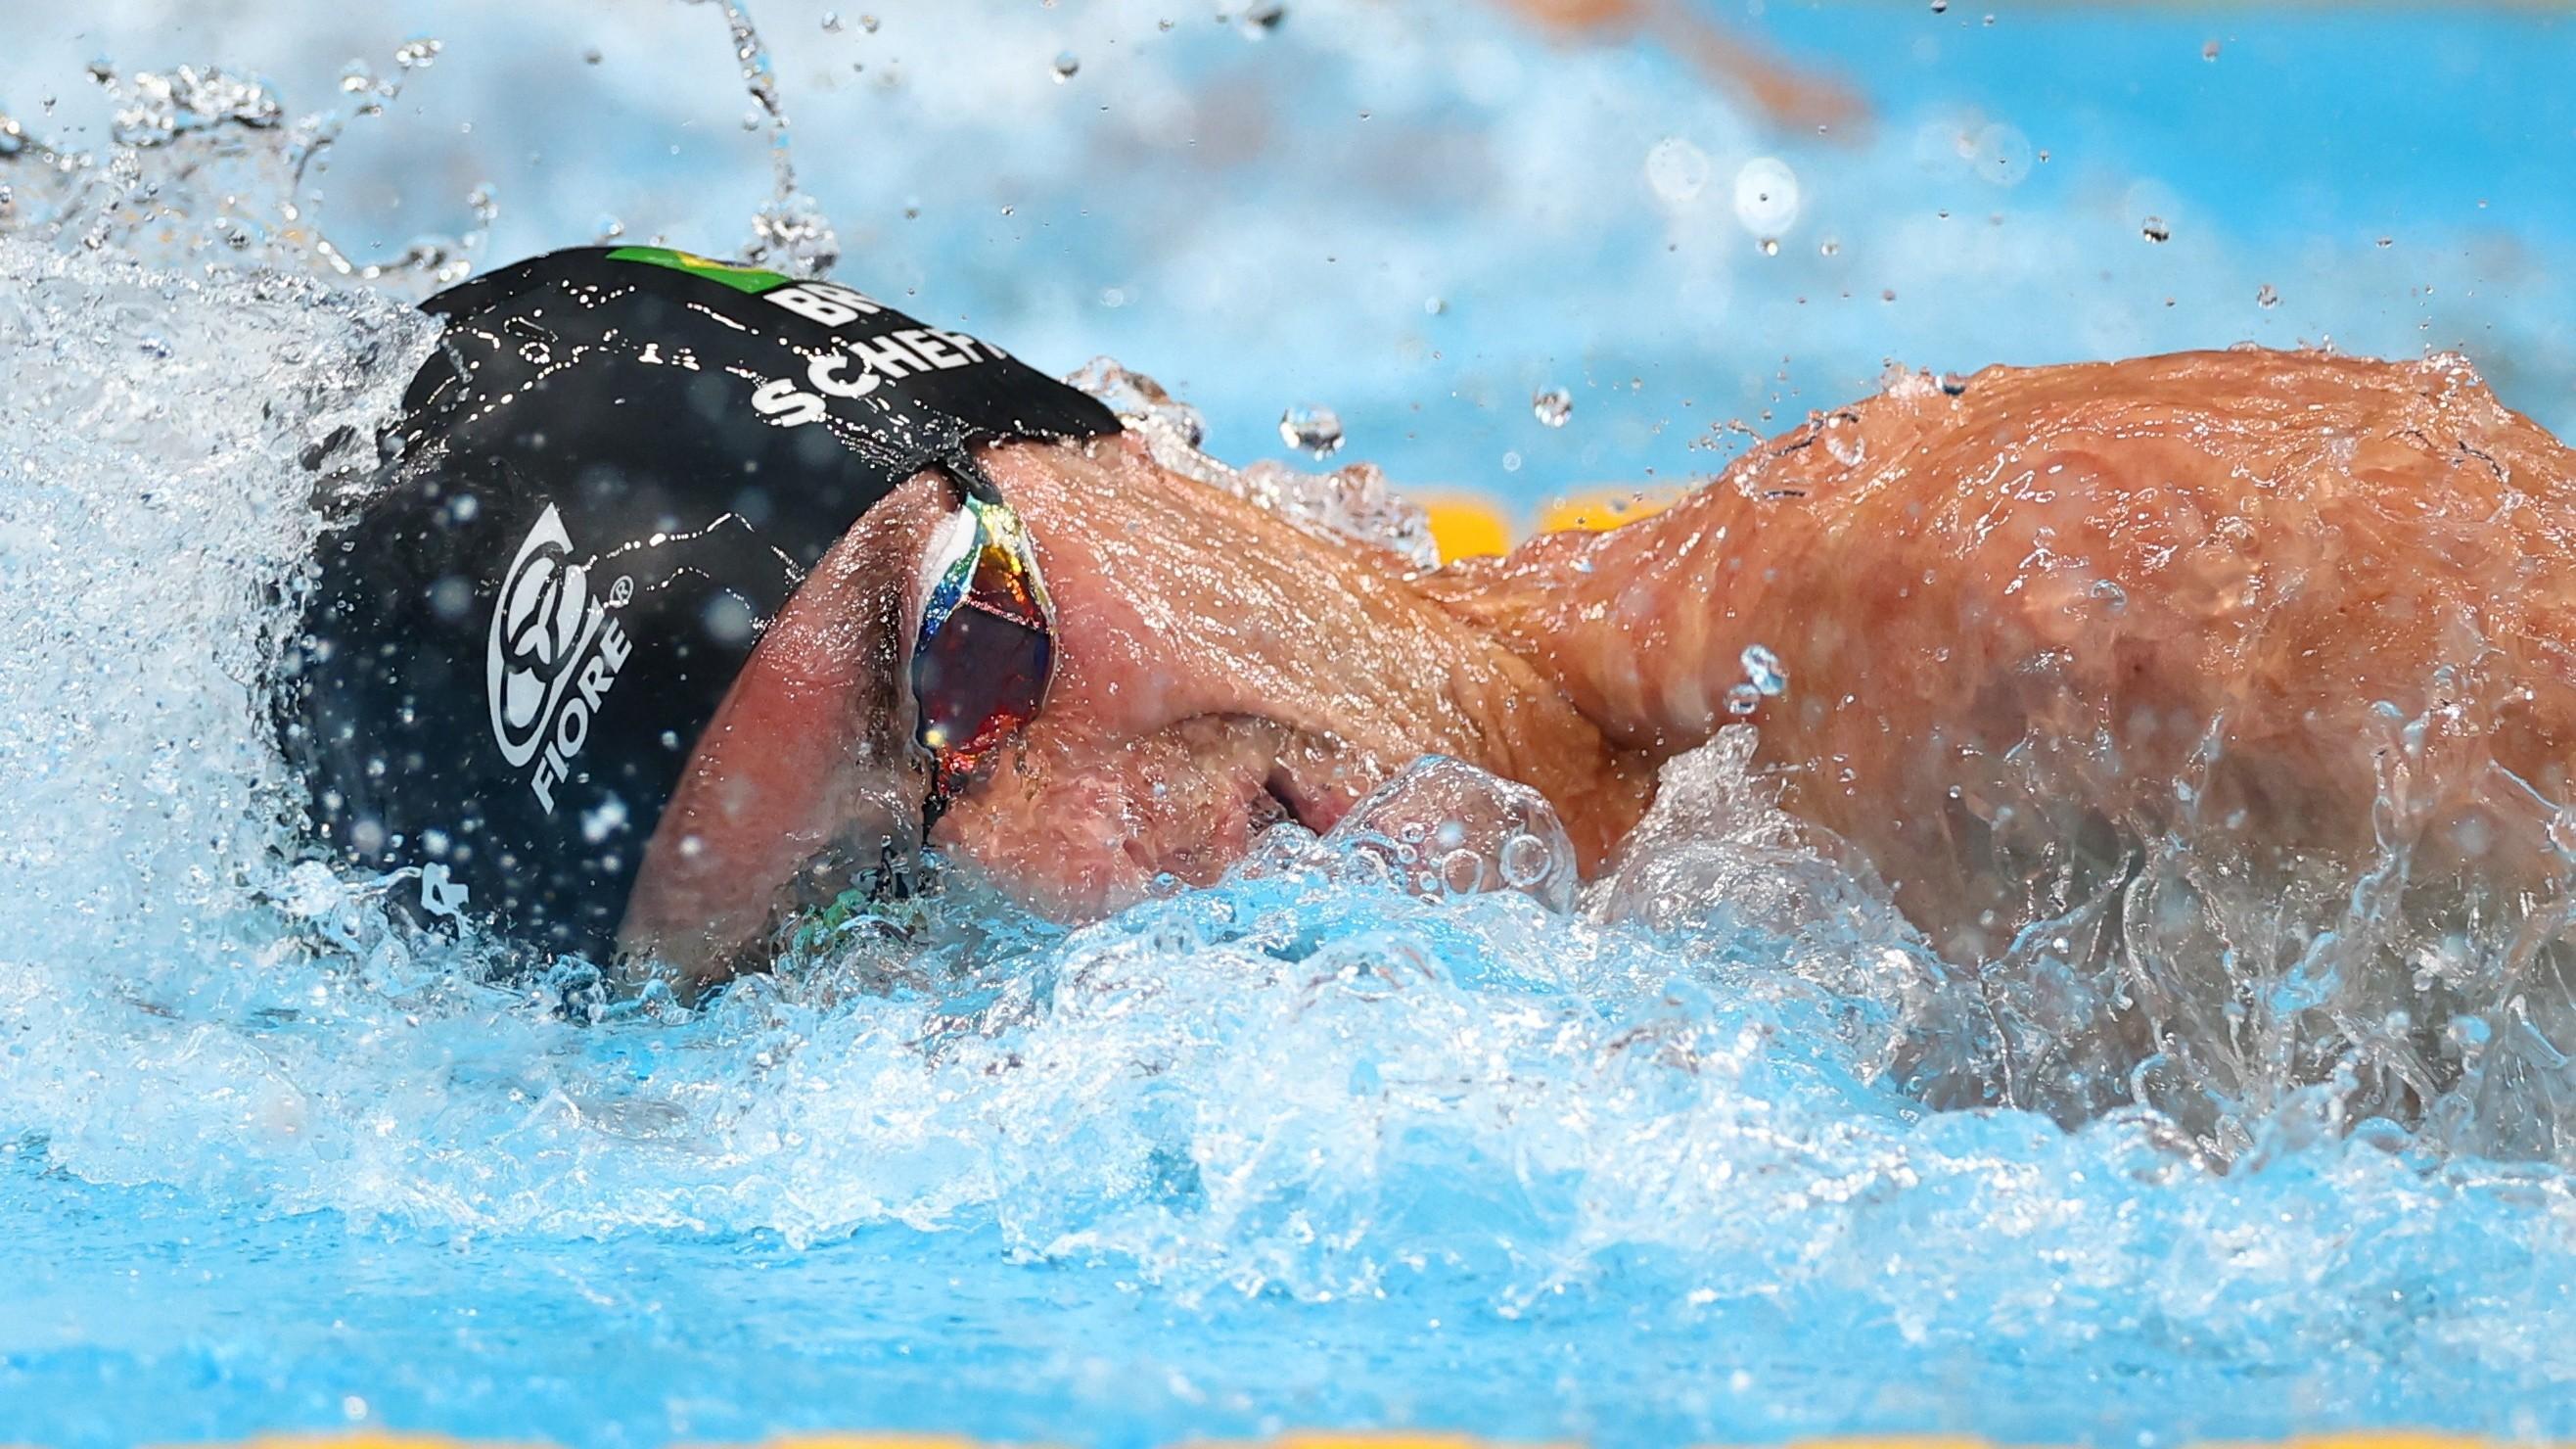 Bronze em Tóquio, Fernando Scheffer iniciou na natação em Canoas: 'Ele acredita até o fim', diz mãe